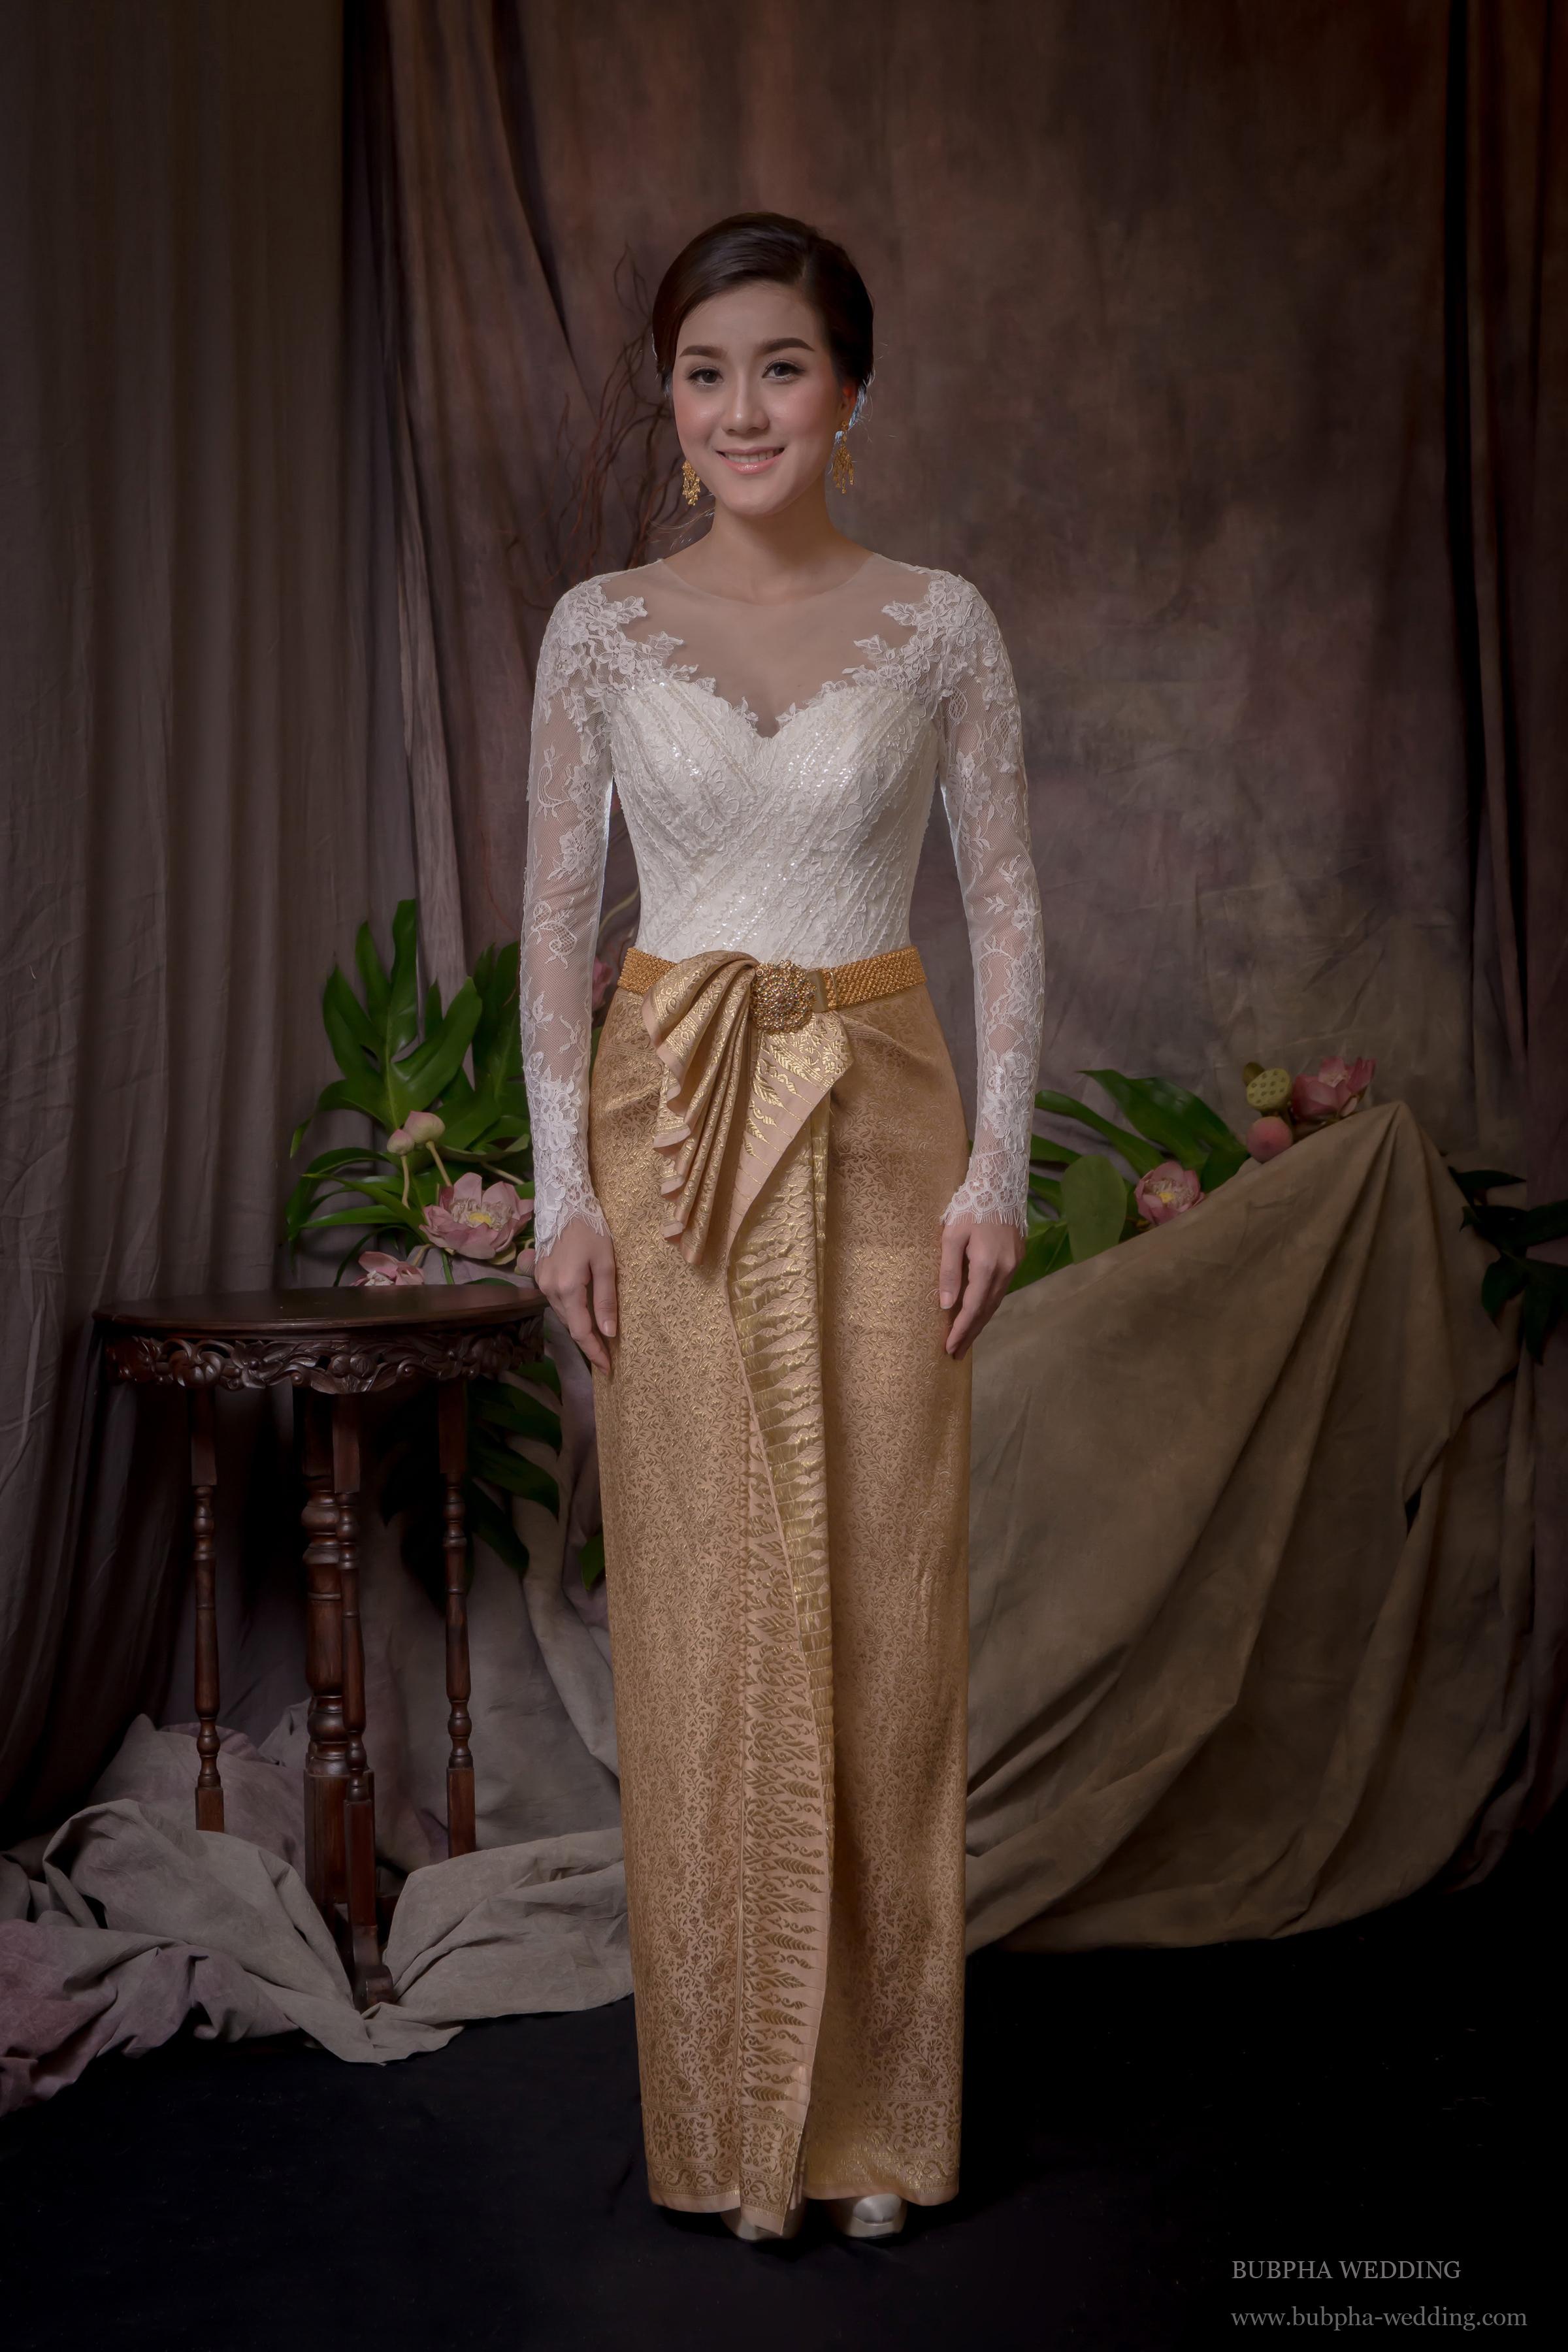 ชุดไทยผ้านุ่งสด เสื้อลูกไม้  ชุดที่  5